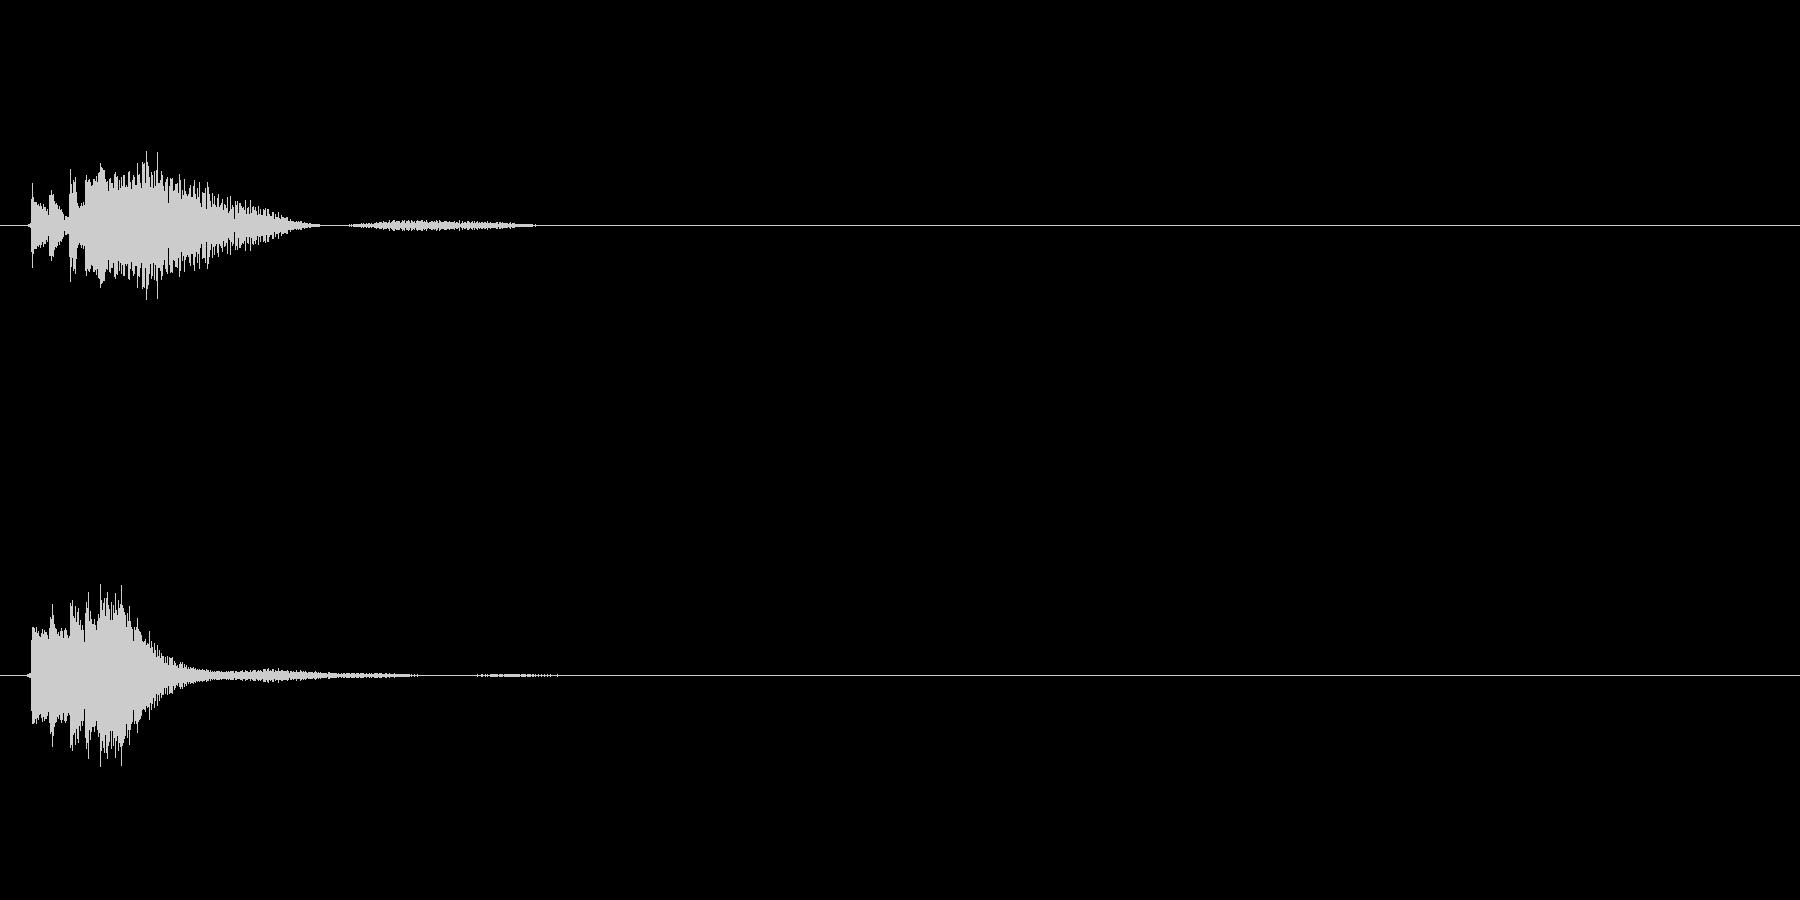 キラキラ系_082の未再生の波形